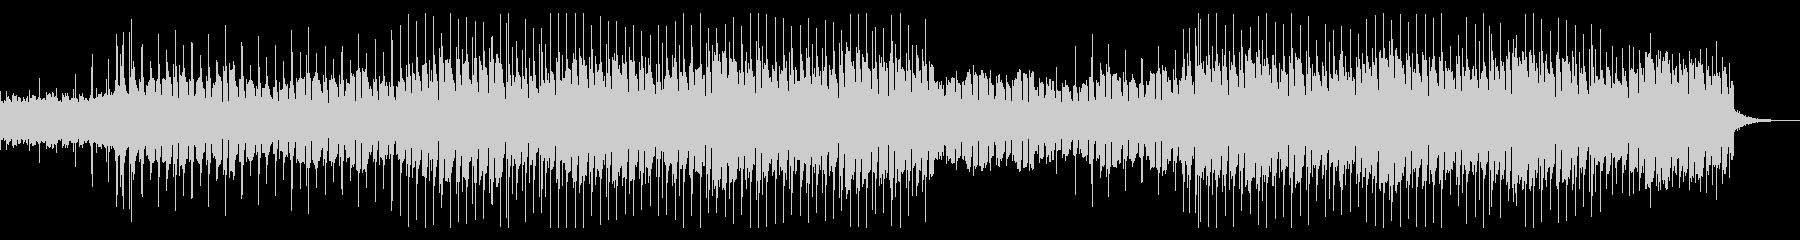 ラテン調のギターメロディサウンドの未再生の波形